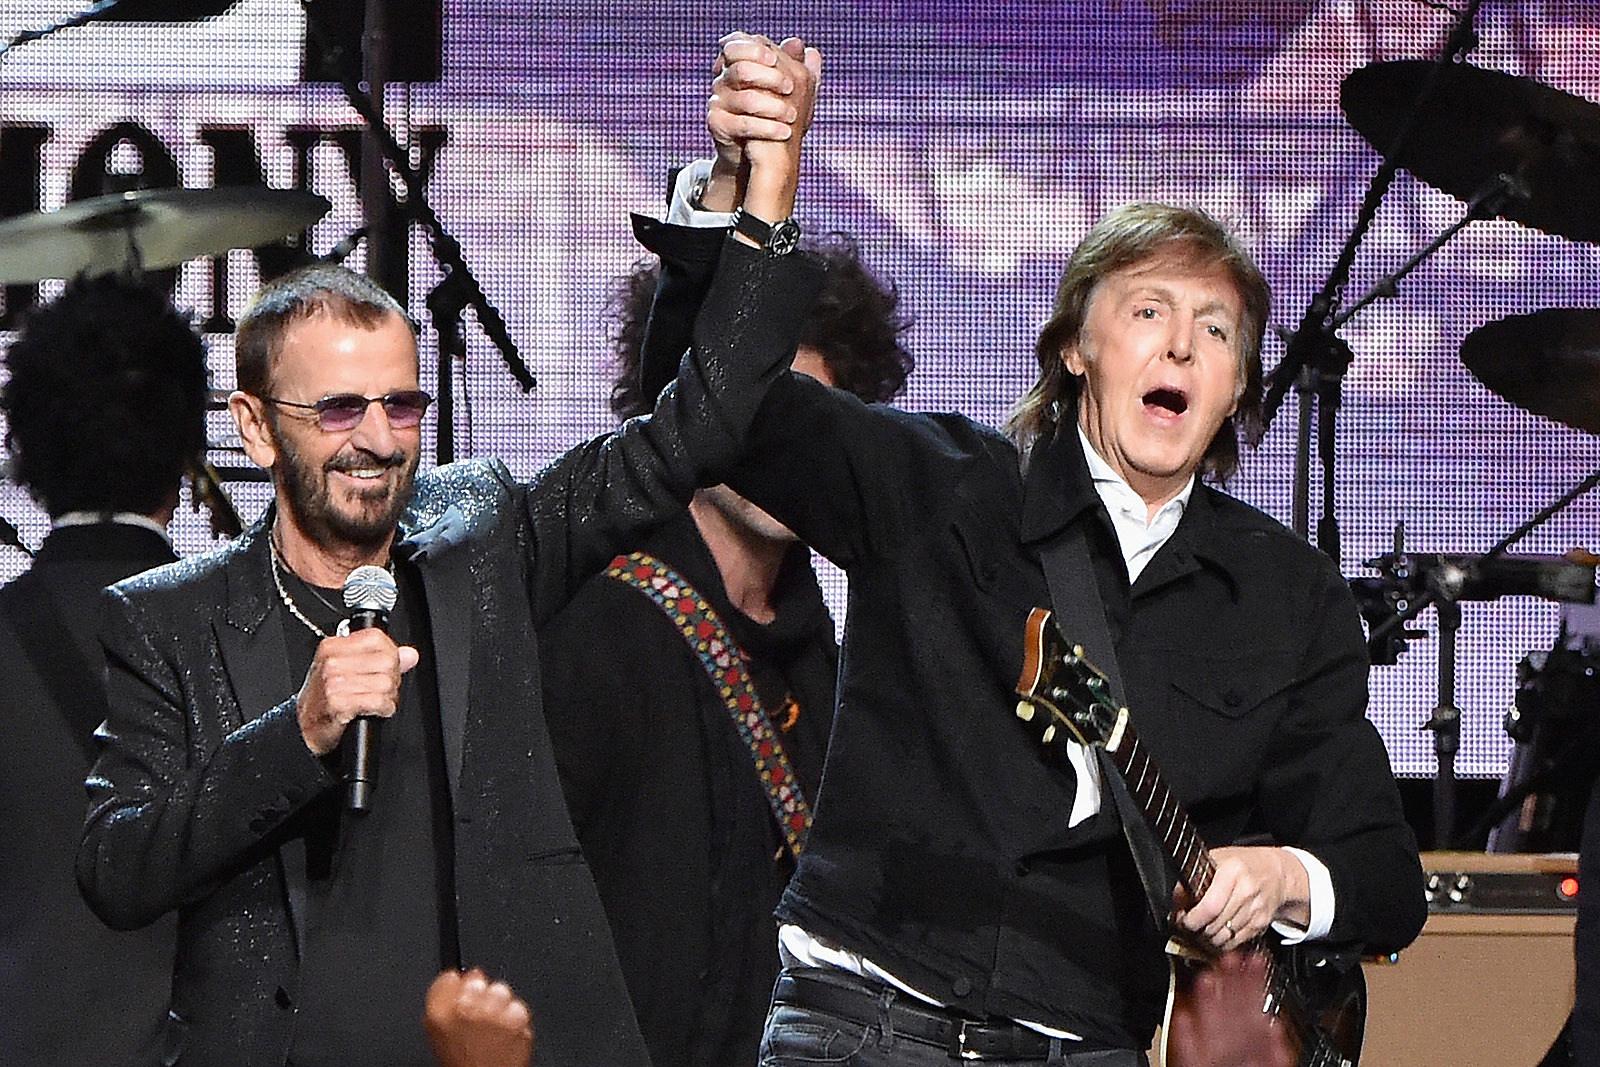 Watch Ringo Starr Guest on Paul McCartney's U.S. Tour Finale